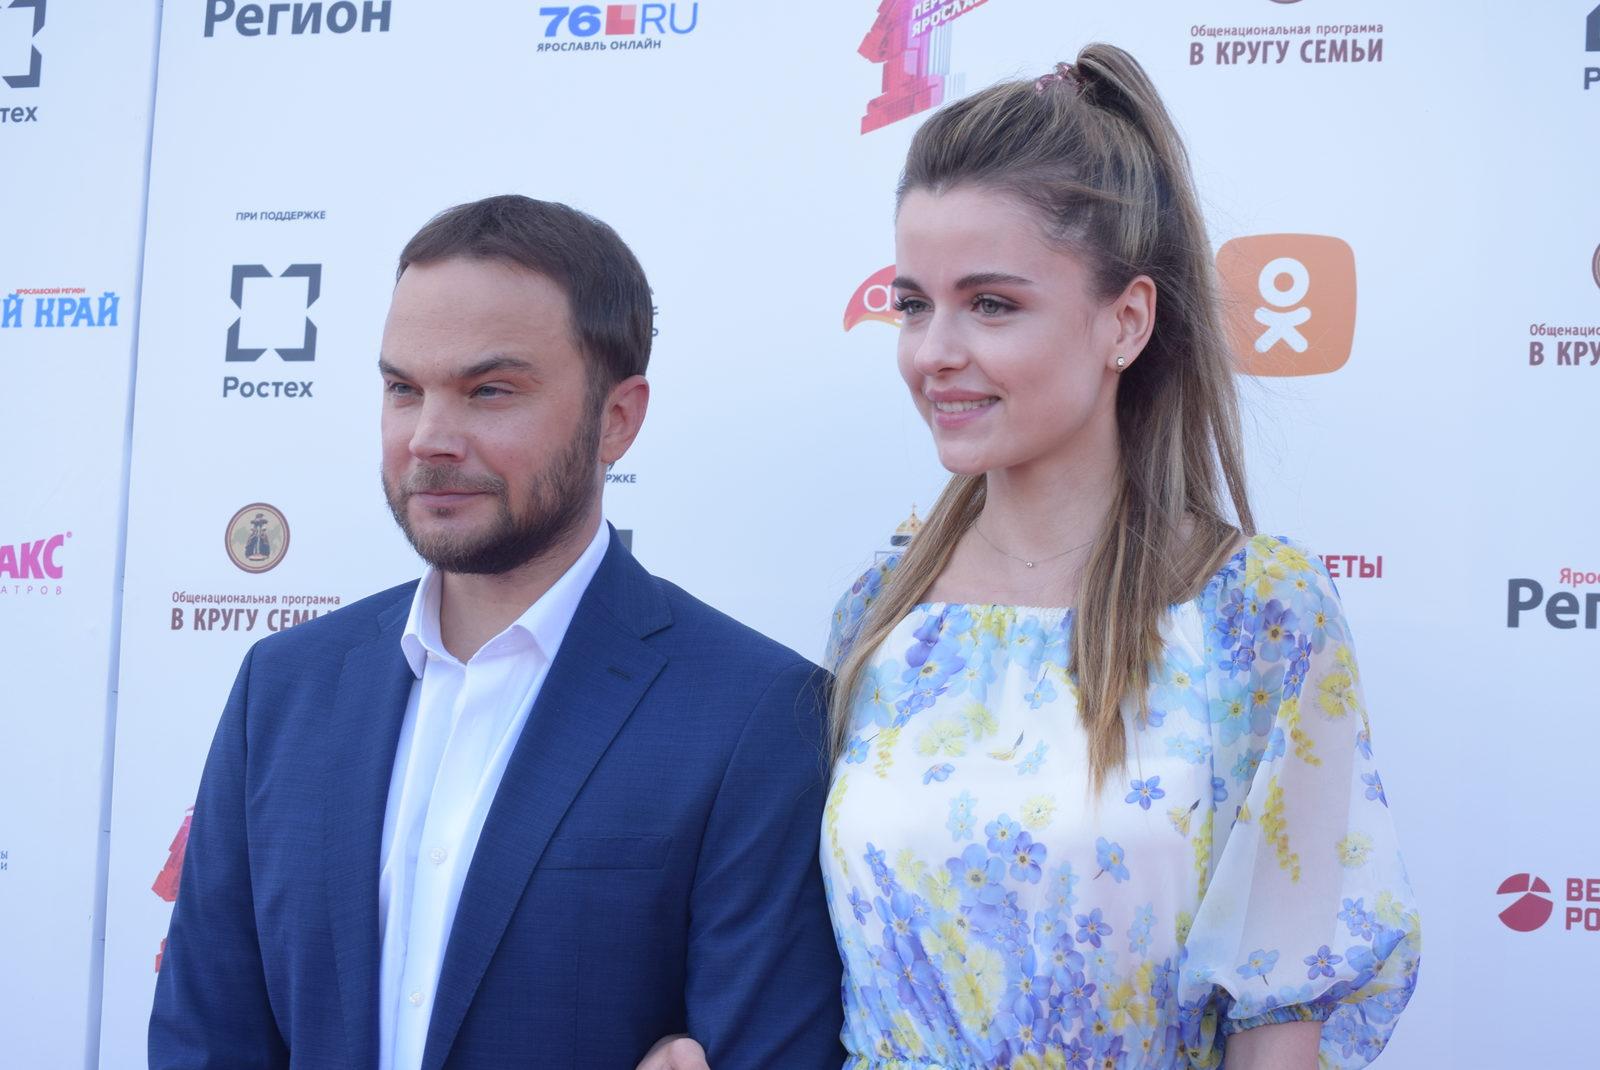 В сети появились «грязные» подробности о новой девушке Андрея Чадова